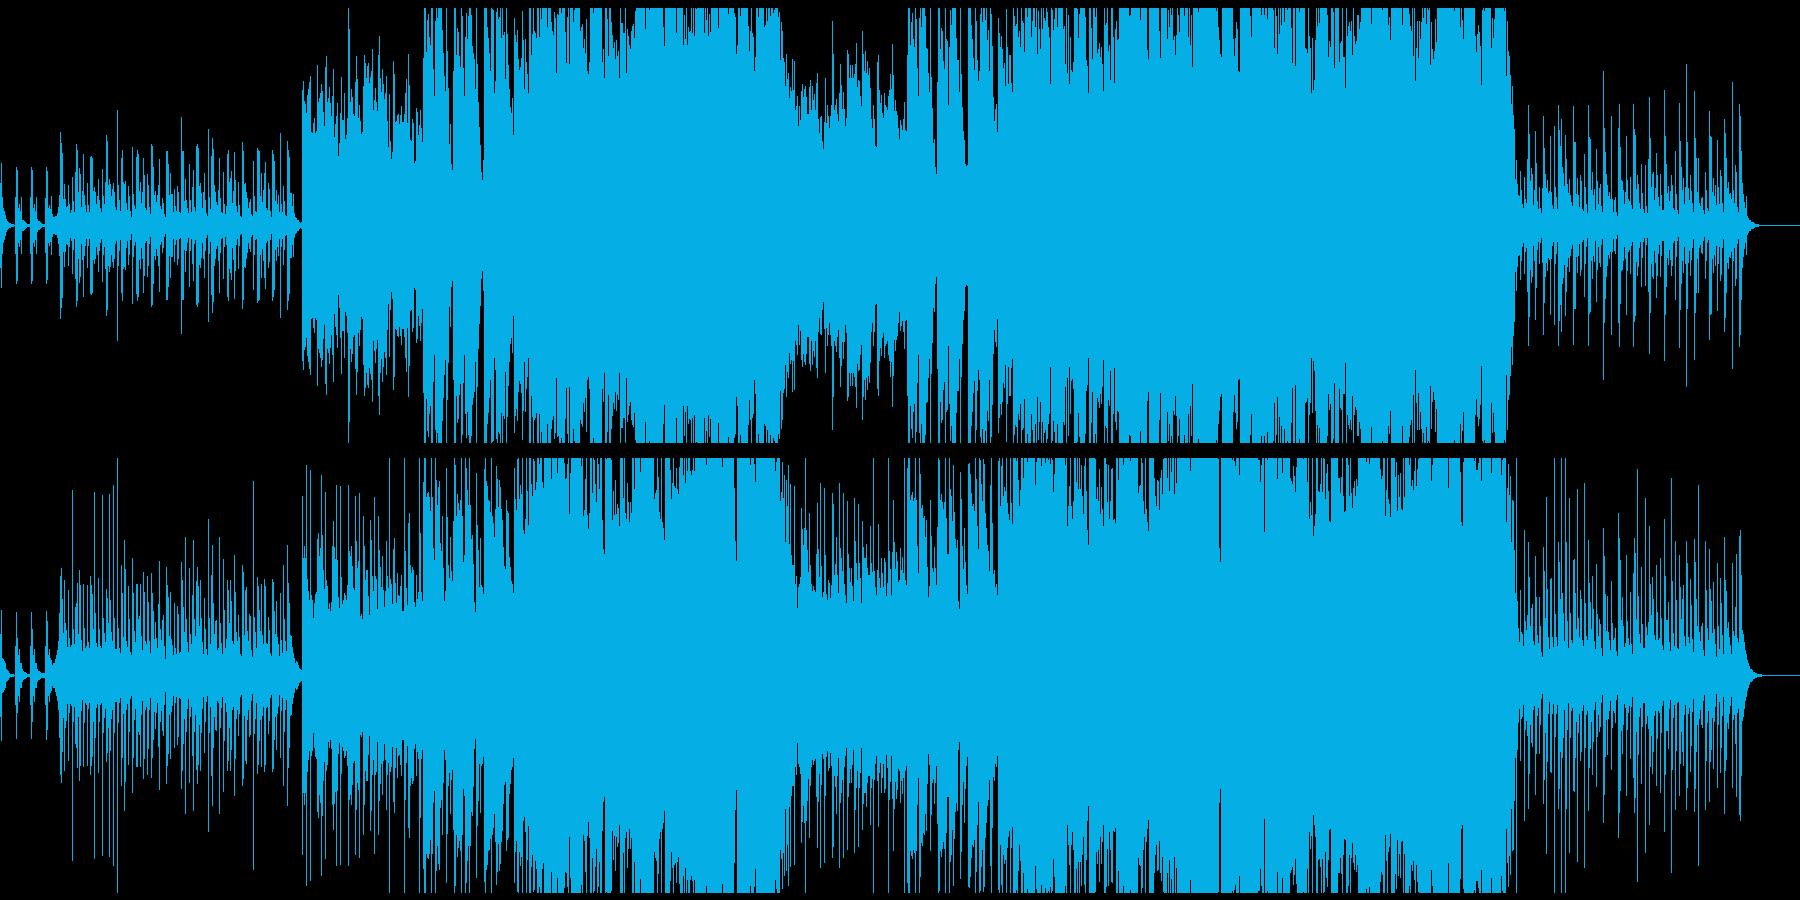 壮大で感動的な和風オーケストラ曲の再生済みの波形